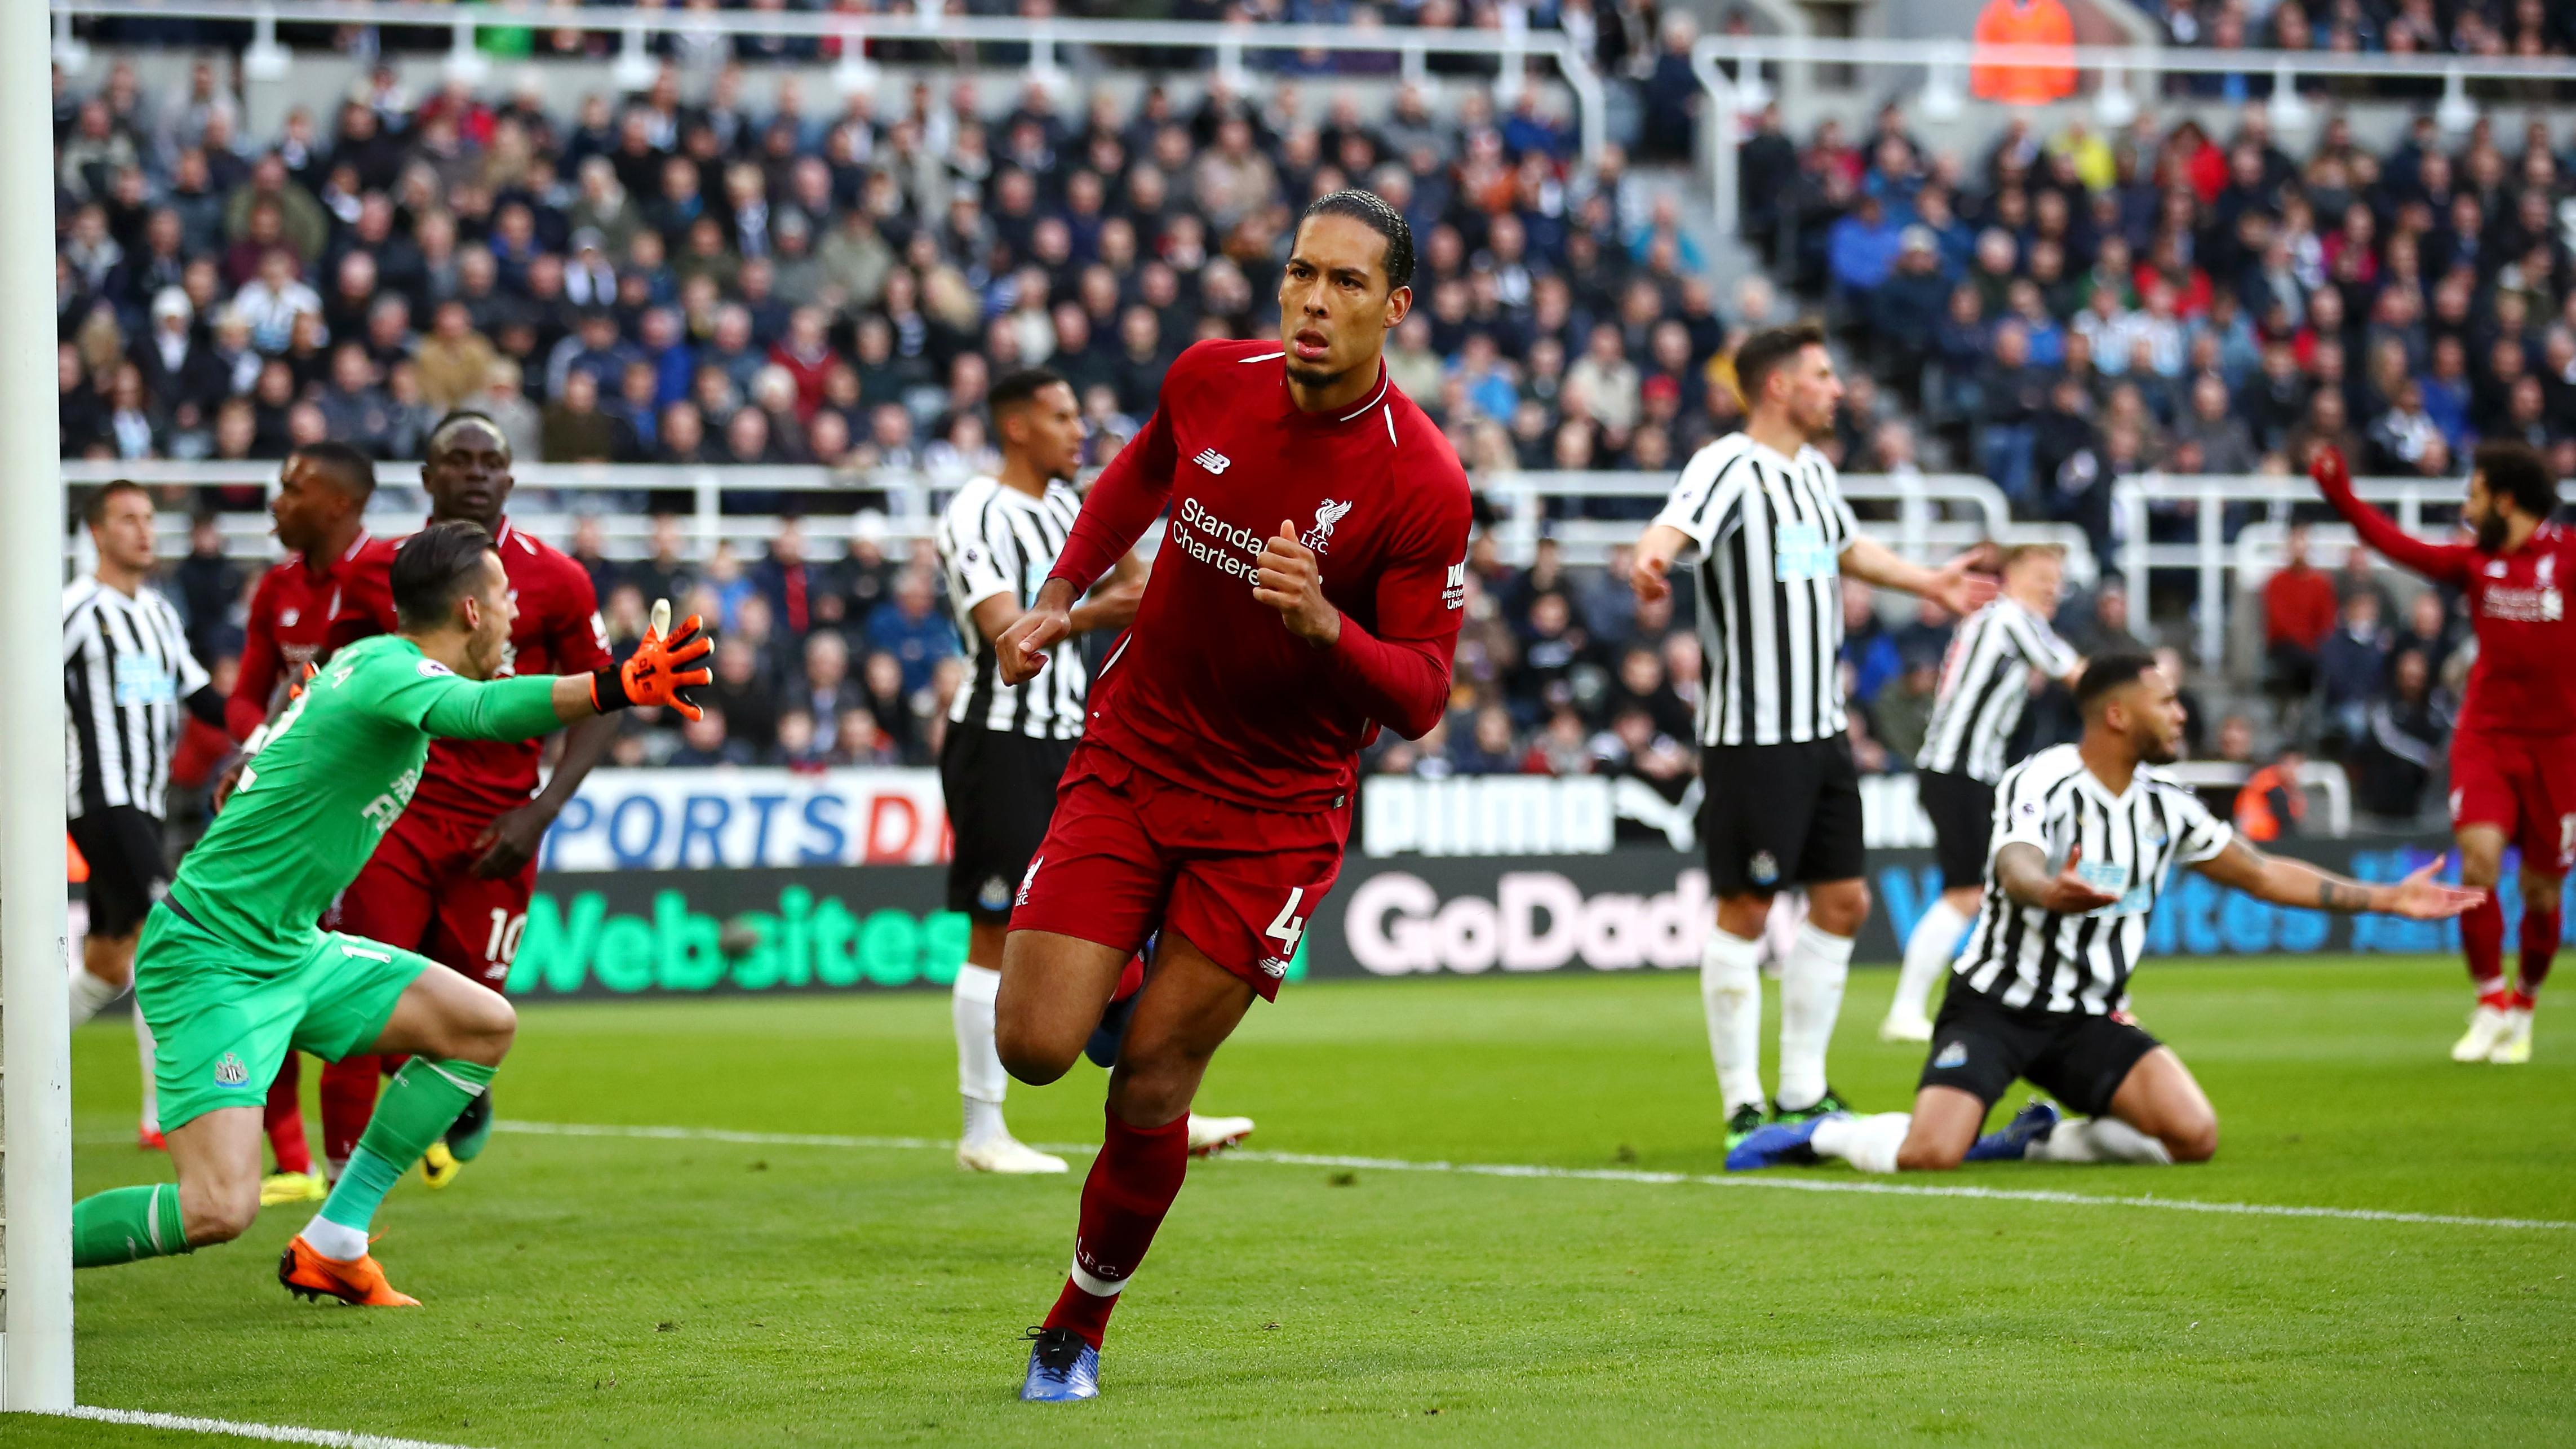 Liverpool : Van Dijk peut-il viser le Ballon d'Or face à Messi ou Ronaldo ? Le Néerlandais se porte candidat